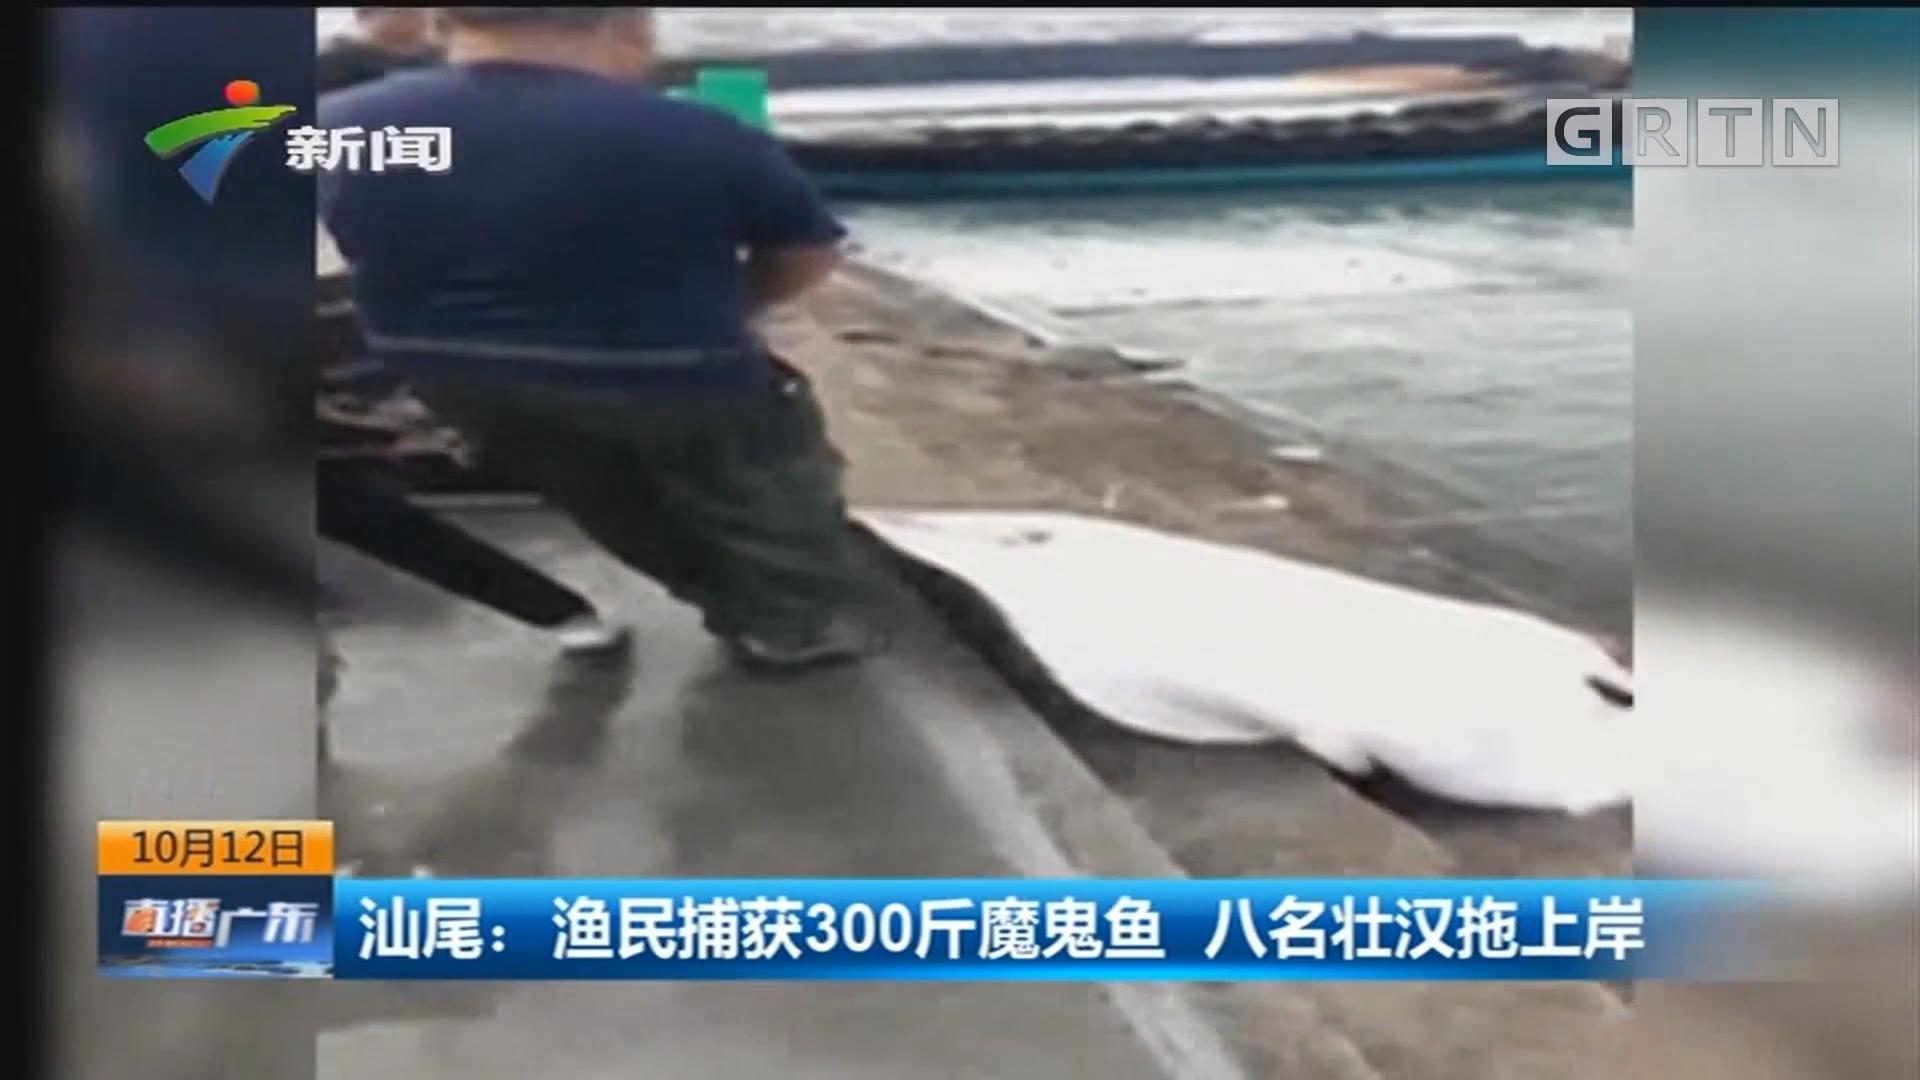 汕尾:渔民捕获300斤魔鬼鱼 八名壮汉拖上岸